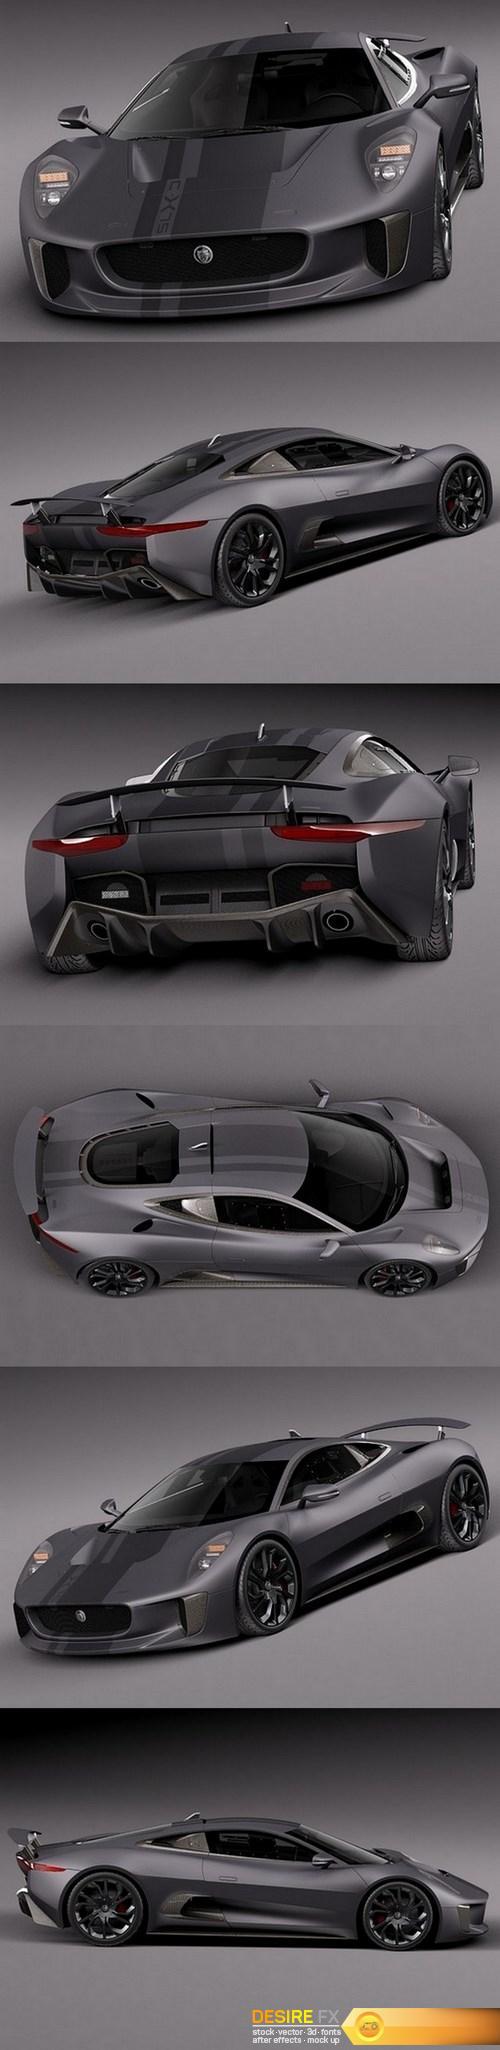 3d-models - Jaguar C-X75 2014 3D Model